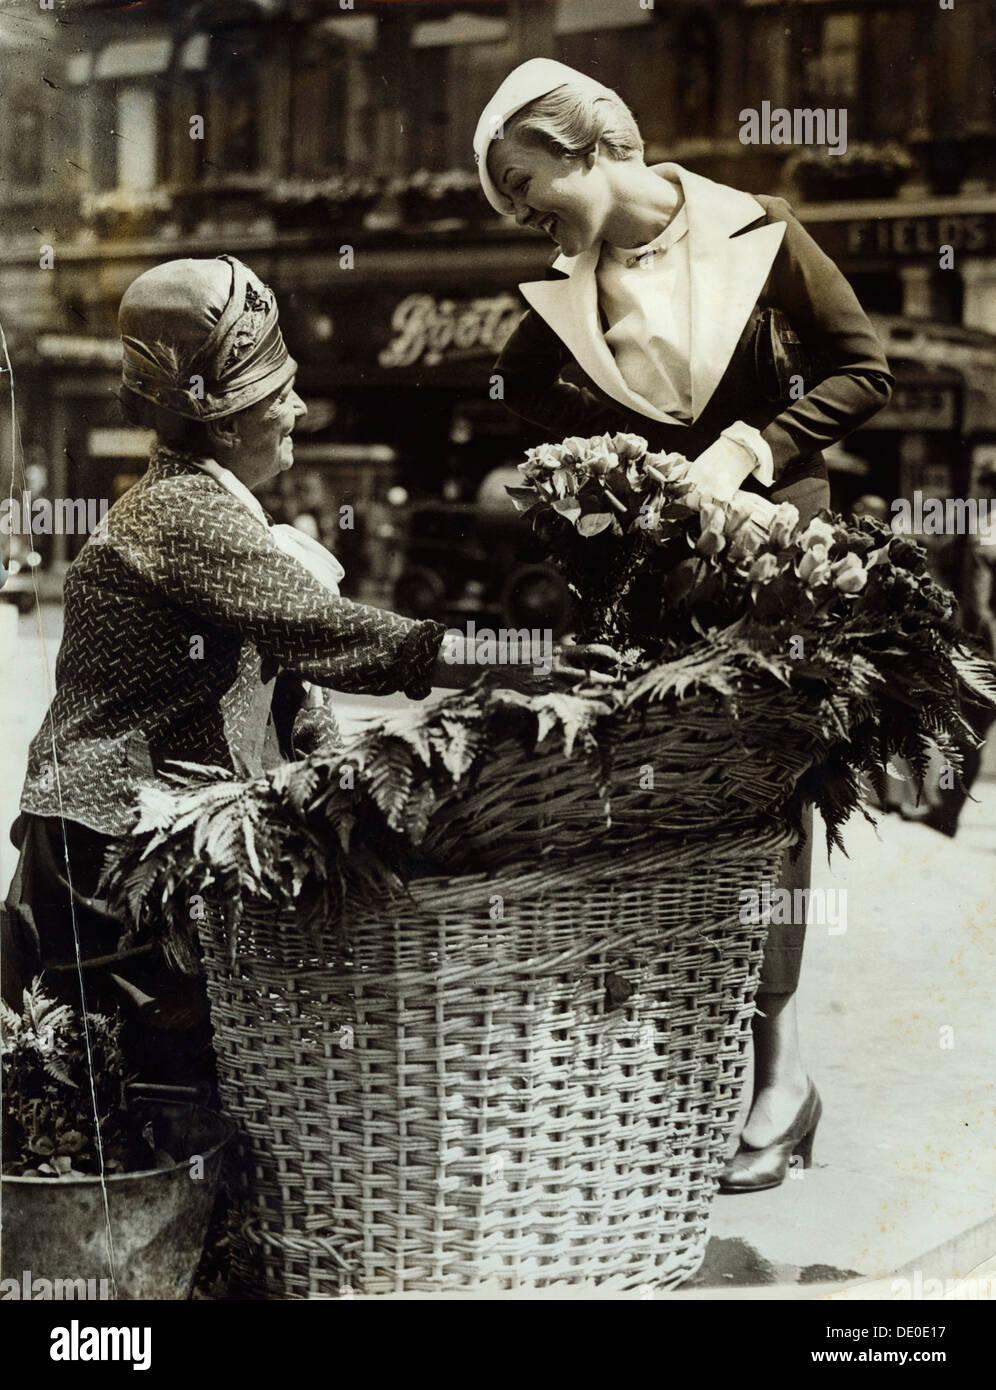 Laura La Plante, actrice et star du film, 1934. Laura La Plante (1904-1996) est surtout connu pour ses rôles dans les films muets. Ici on la voit discuter avec une fille de fleur dans Piccadilly à Londres à la recherche d'une offre de films. Elle a séjourné à Londres pour trois semaines avant de se rendre à Paris. Photo Stock